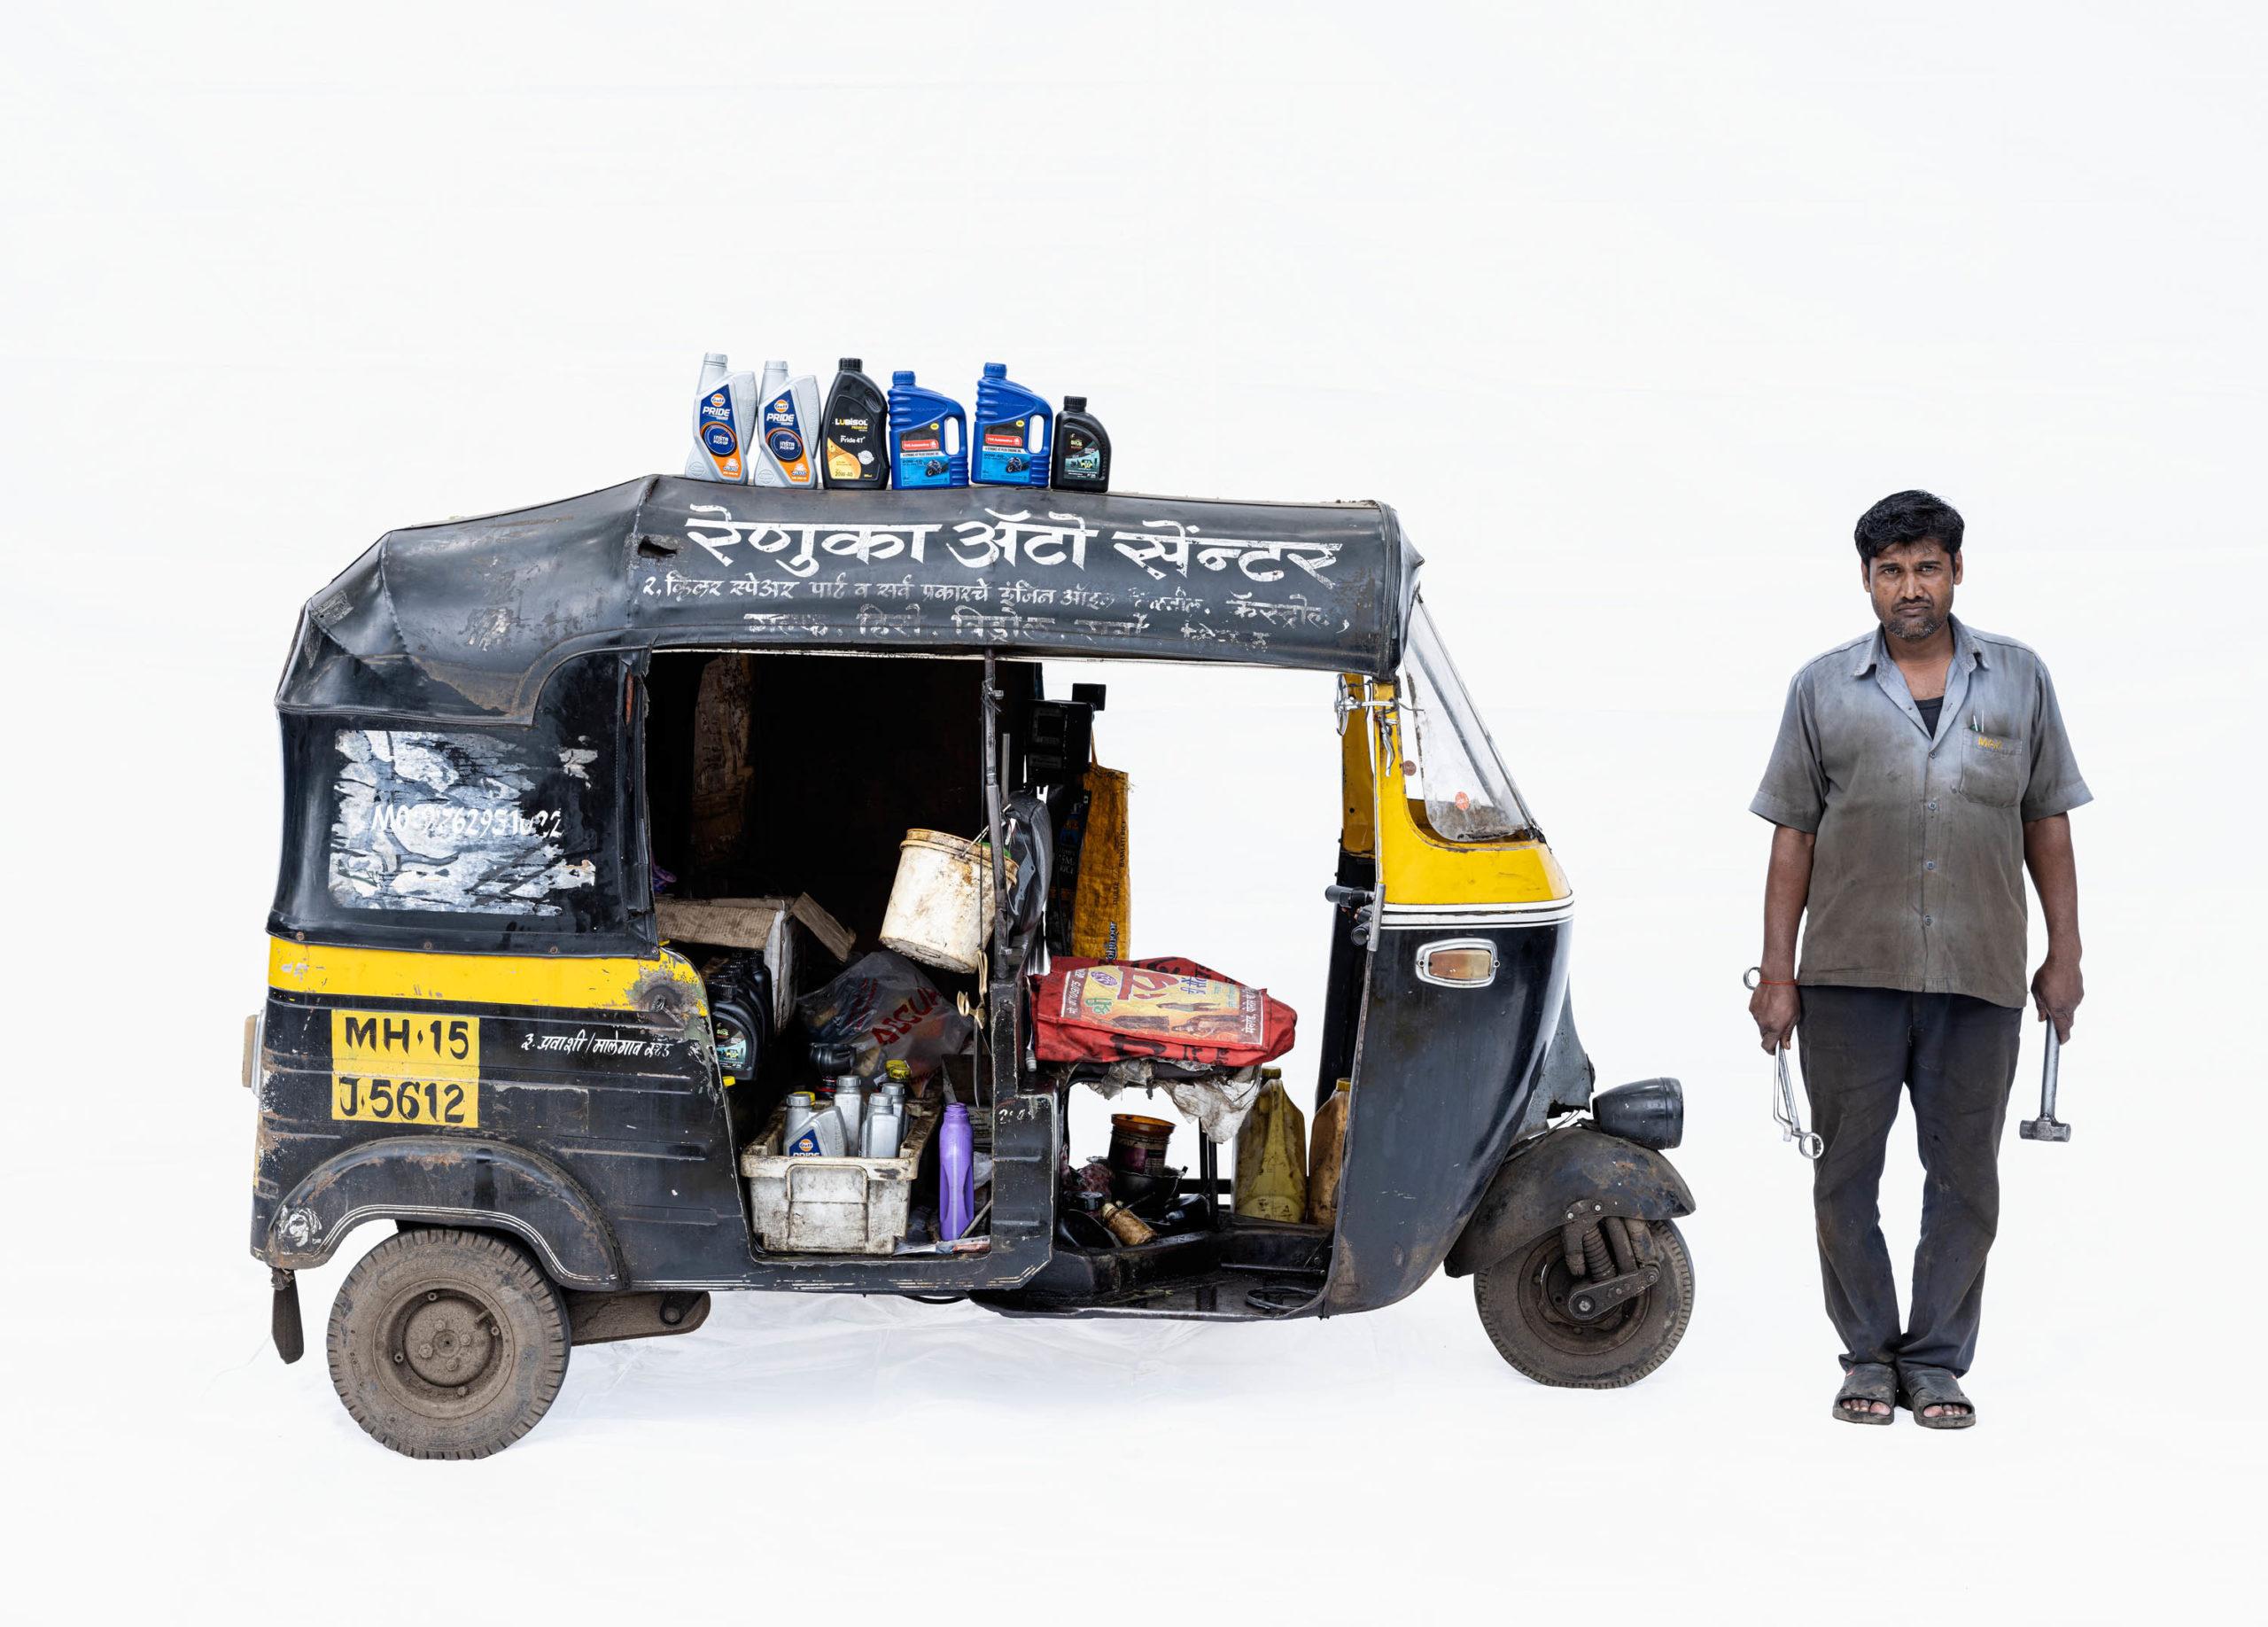 Bajaj autorickshaw #4; Mechanic Harikesh Chavan (Nashik, Maharashtra)